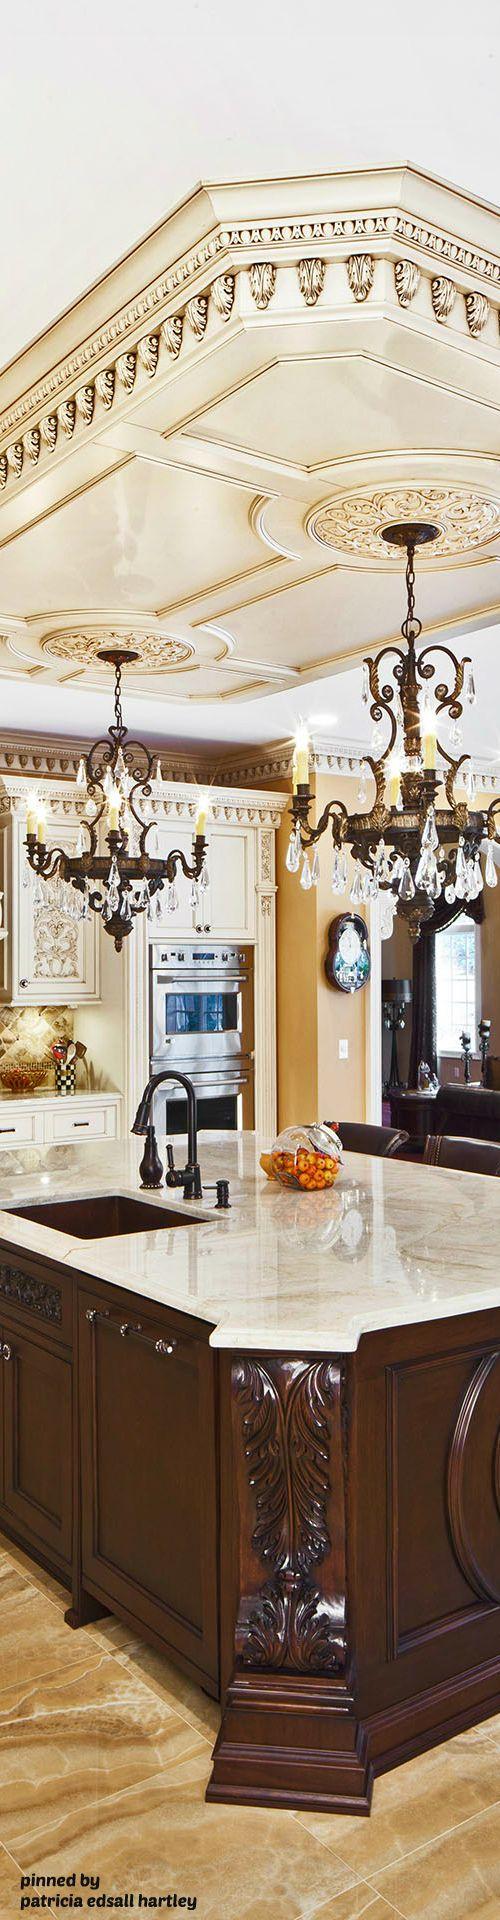 Ideen für mobile kücheneinrichtungen  best einrichtungen images on pinterest  bedroom ideas future